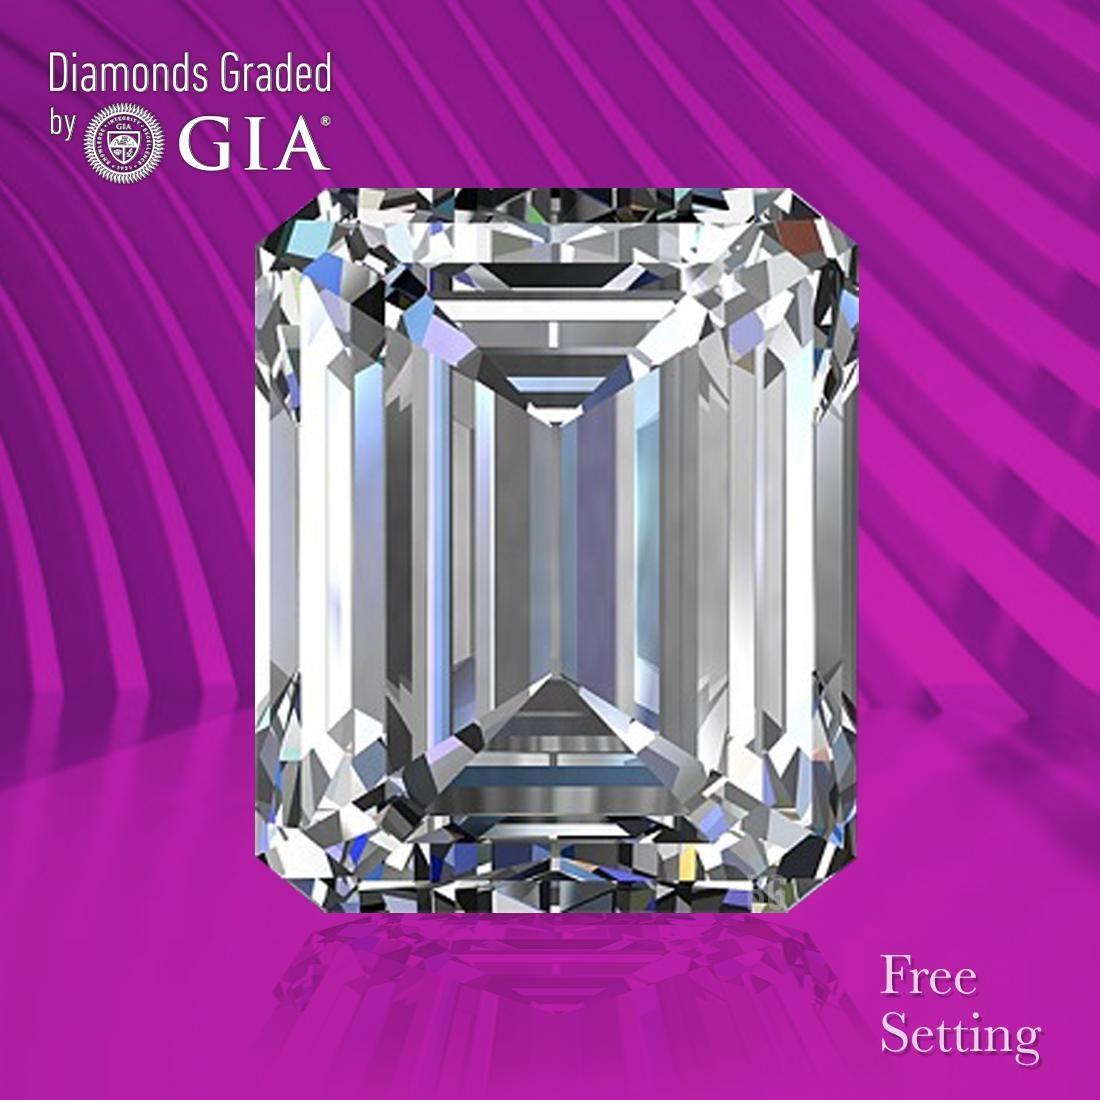 2.01 ct, Color F/VVS2, Emerald cut GIA Graded Diamond